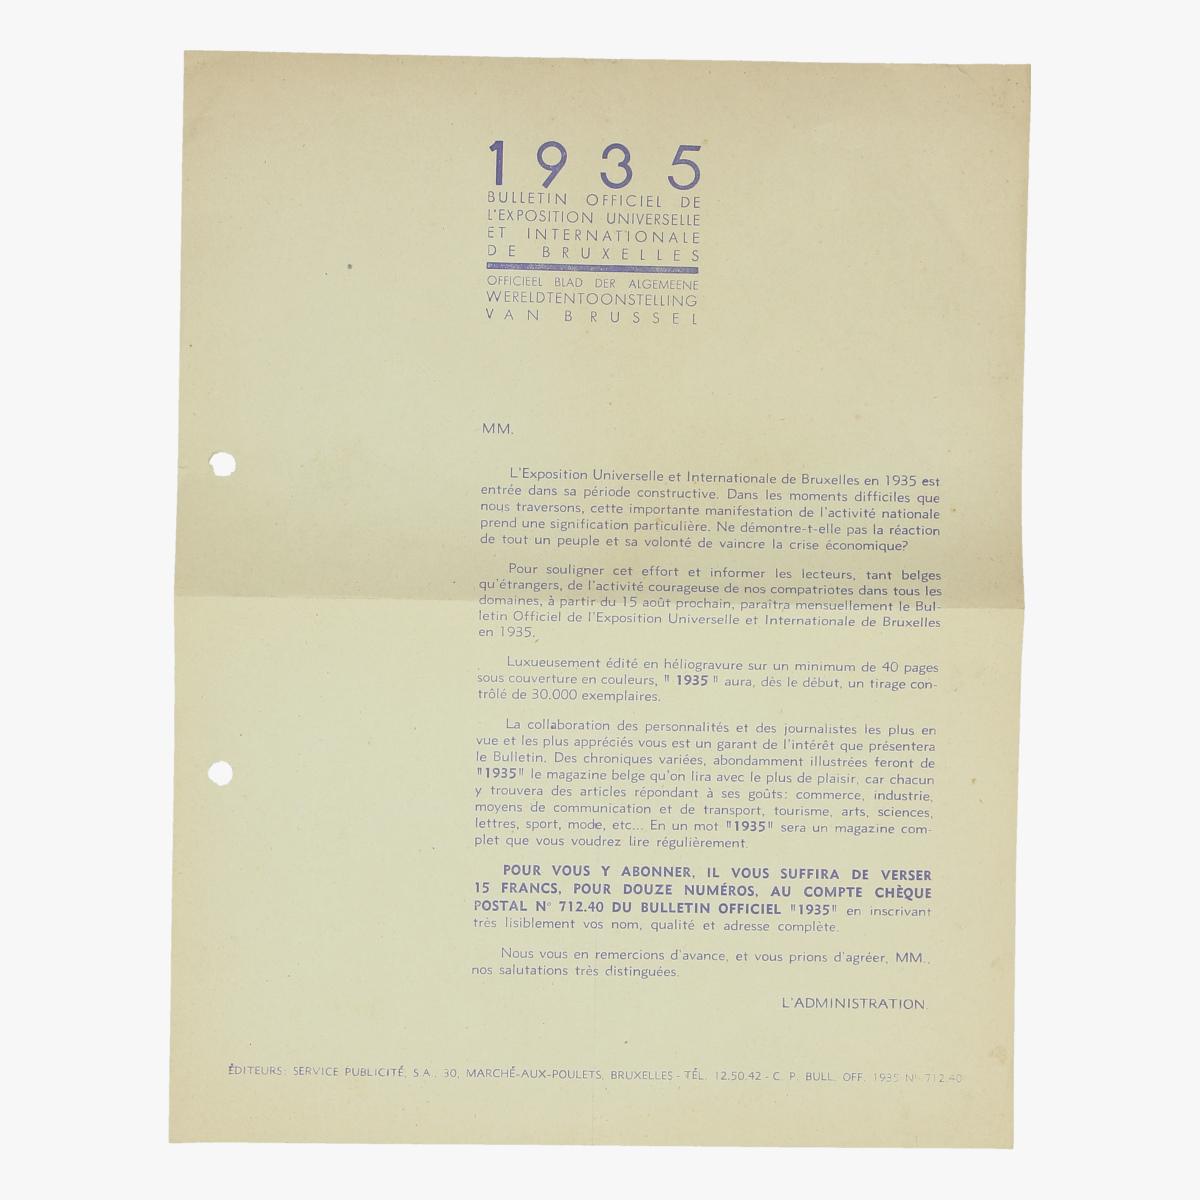 Afbeeldingen van officieel blad der algemeene wereldtentoonstelling van brussel 1935